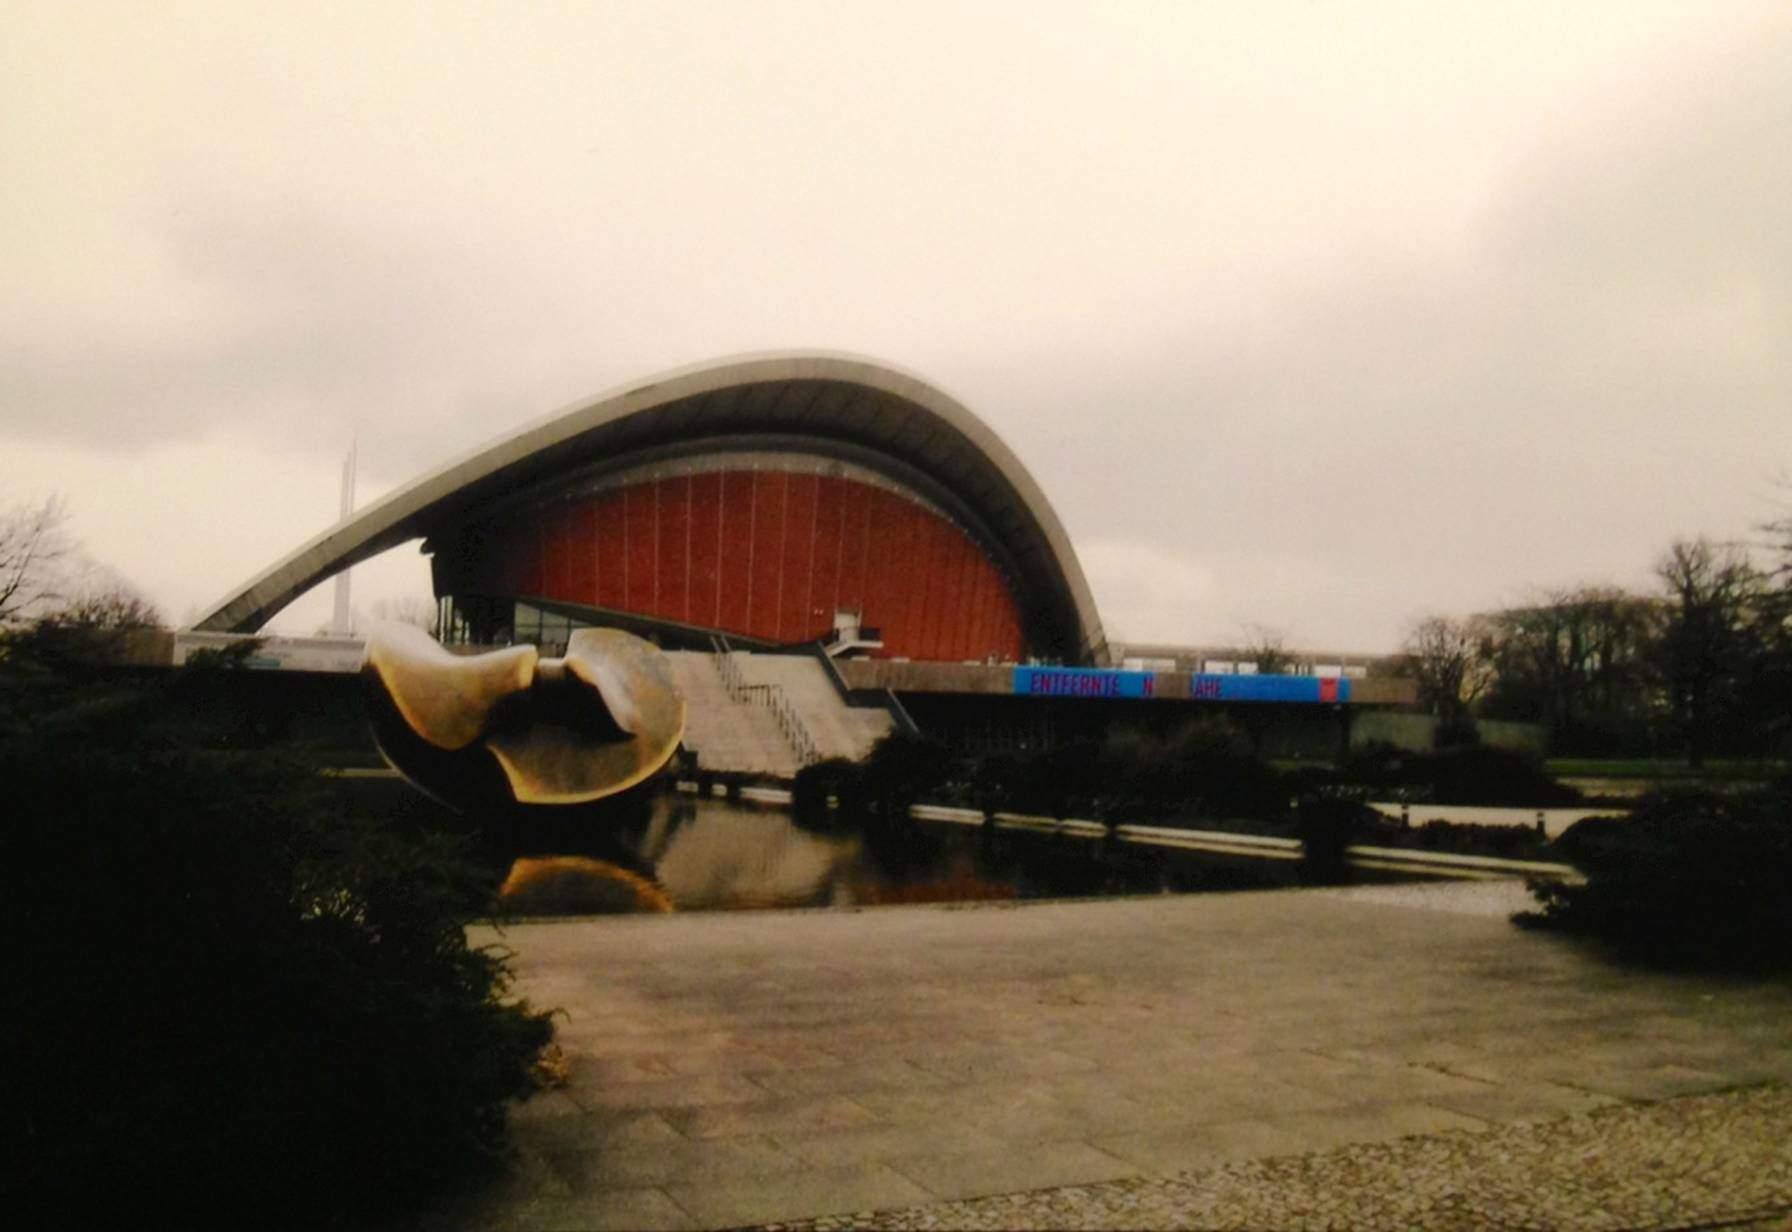 Önünde Henry Moore'un heykeli ile Berlin'deki Tüm Kültürler Müzesi (Haus der Kulturen der Welt). Mimar Hugh Stubbins'in 1957 yılı eseri olan binanın iki de takma adı var: Oystershell (İstiridye Kabuğu) ve Carter Smile (ABD eski başkanı Carter'ın gülüşü).